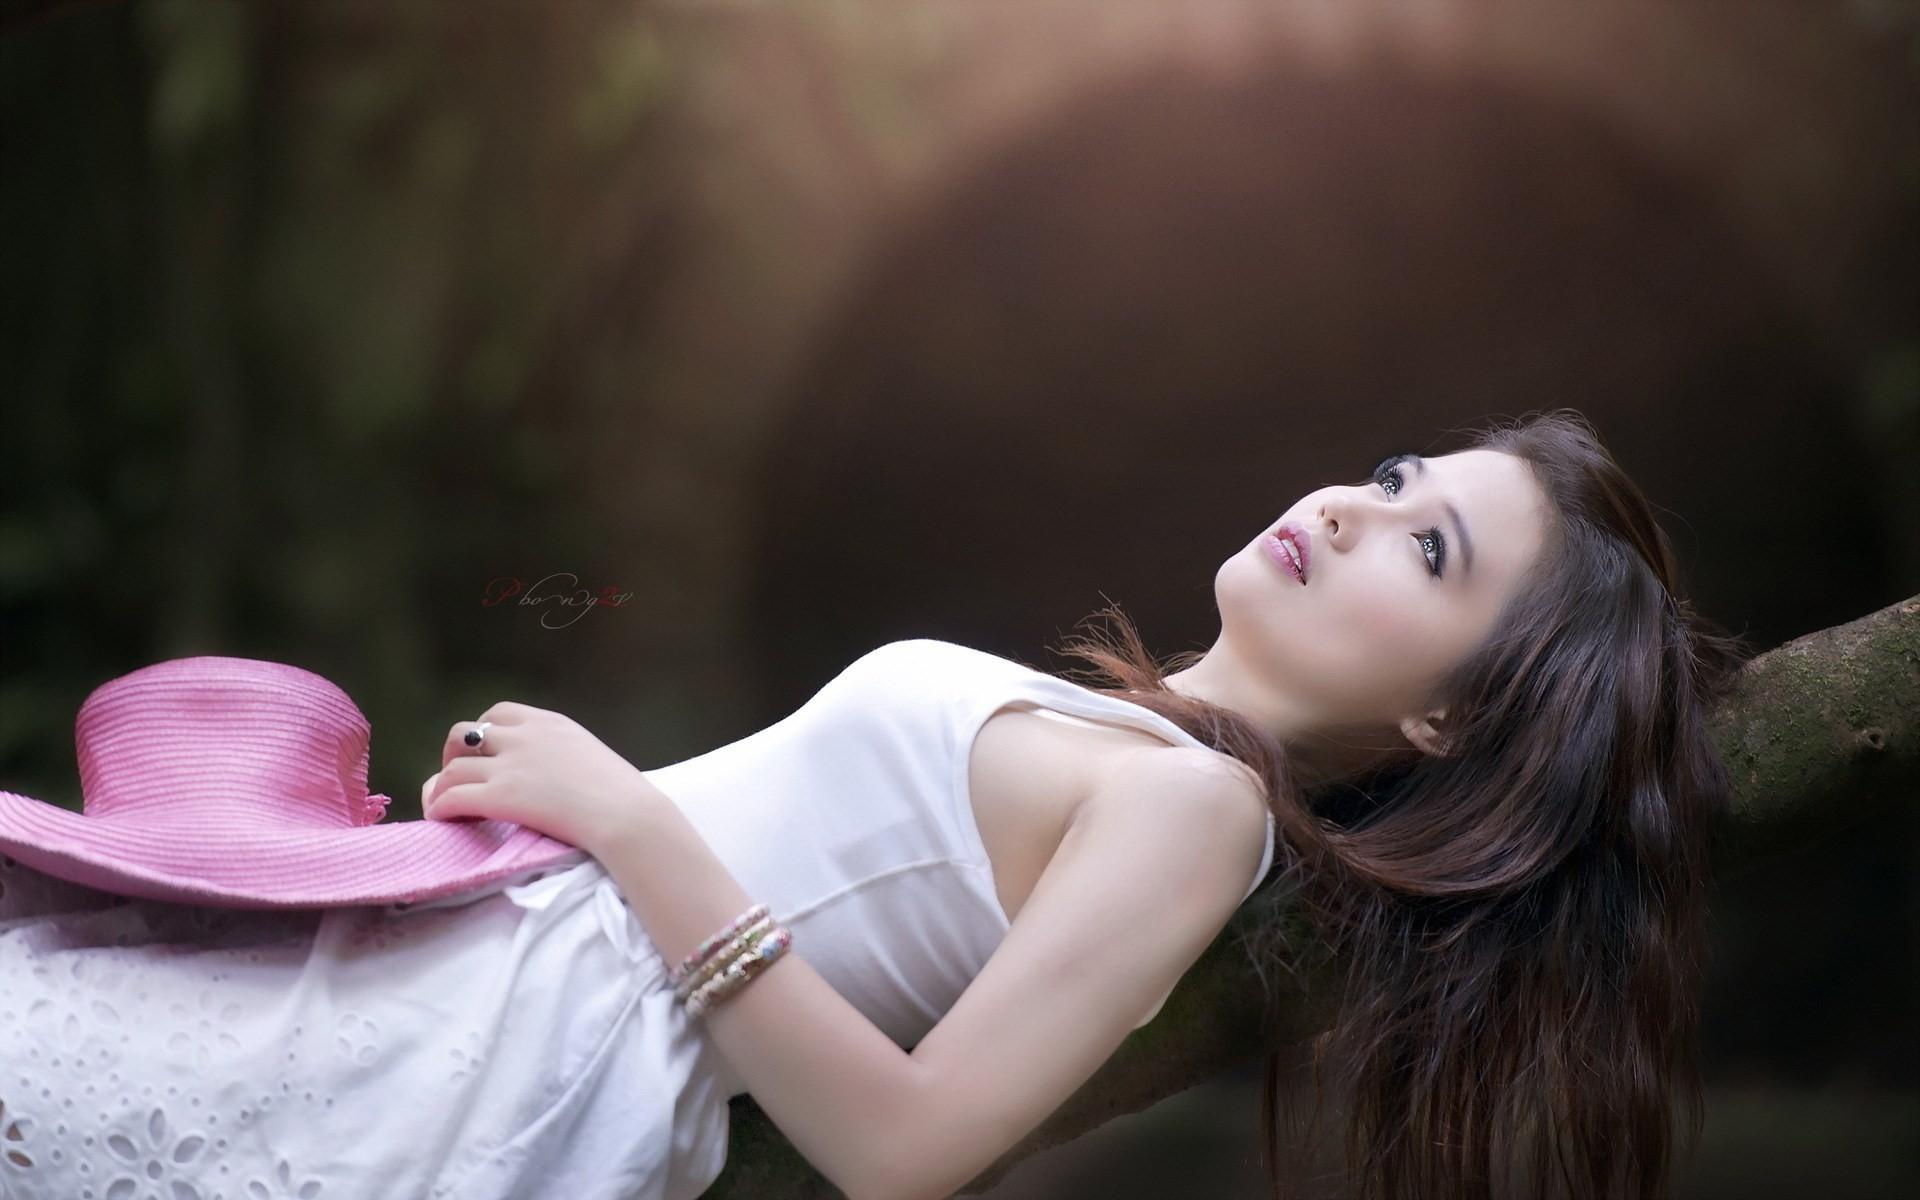 Chica asiática acostada - 1920x1200